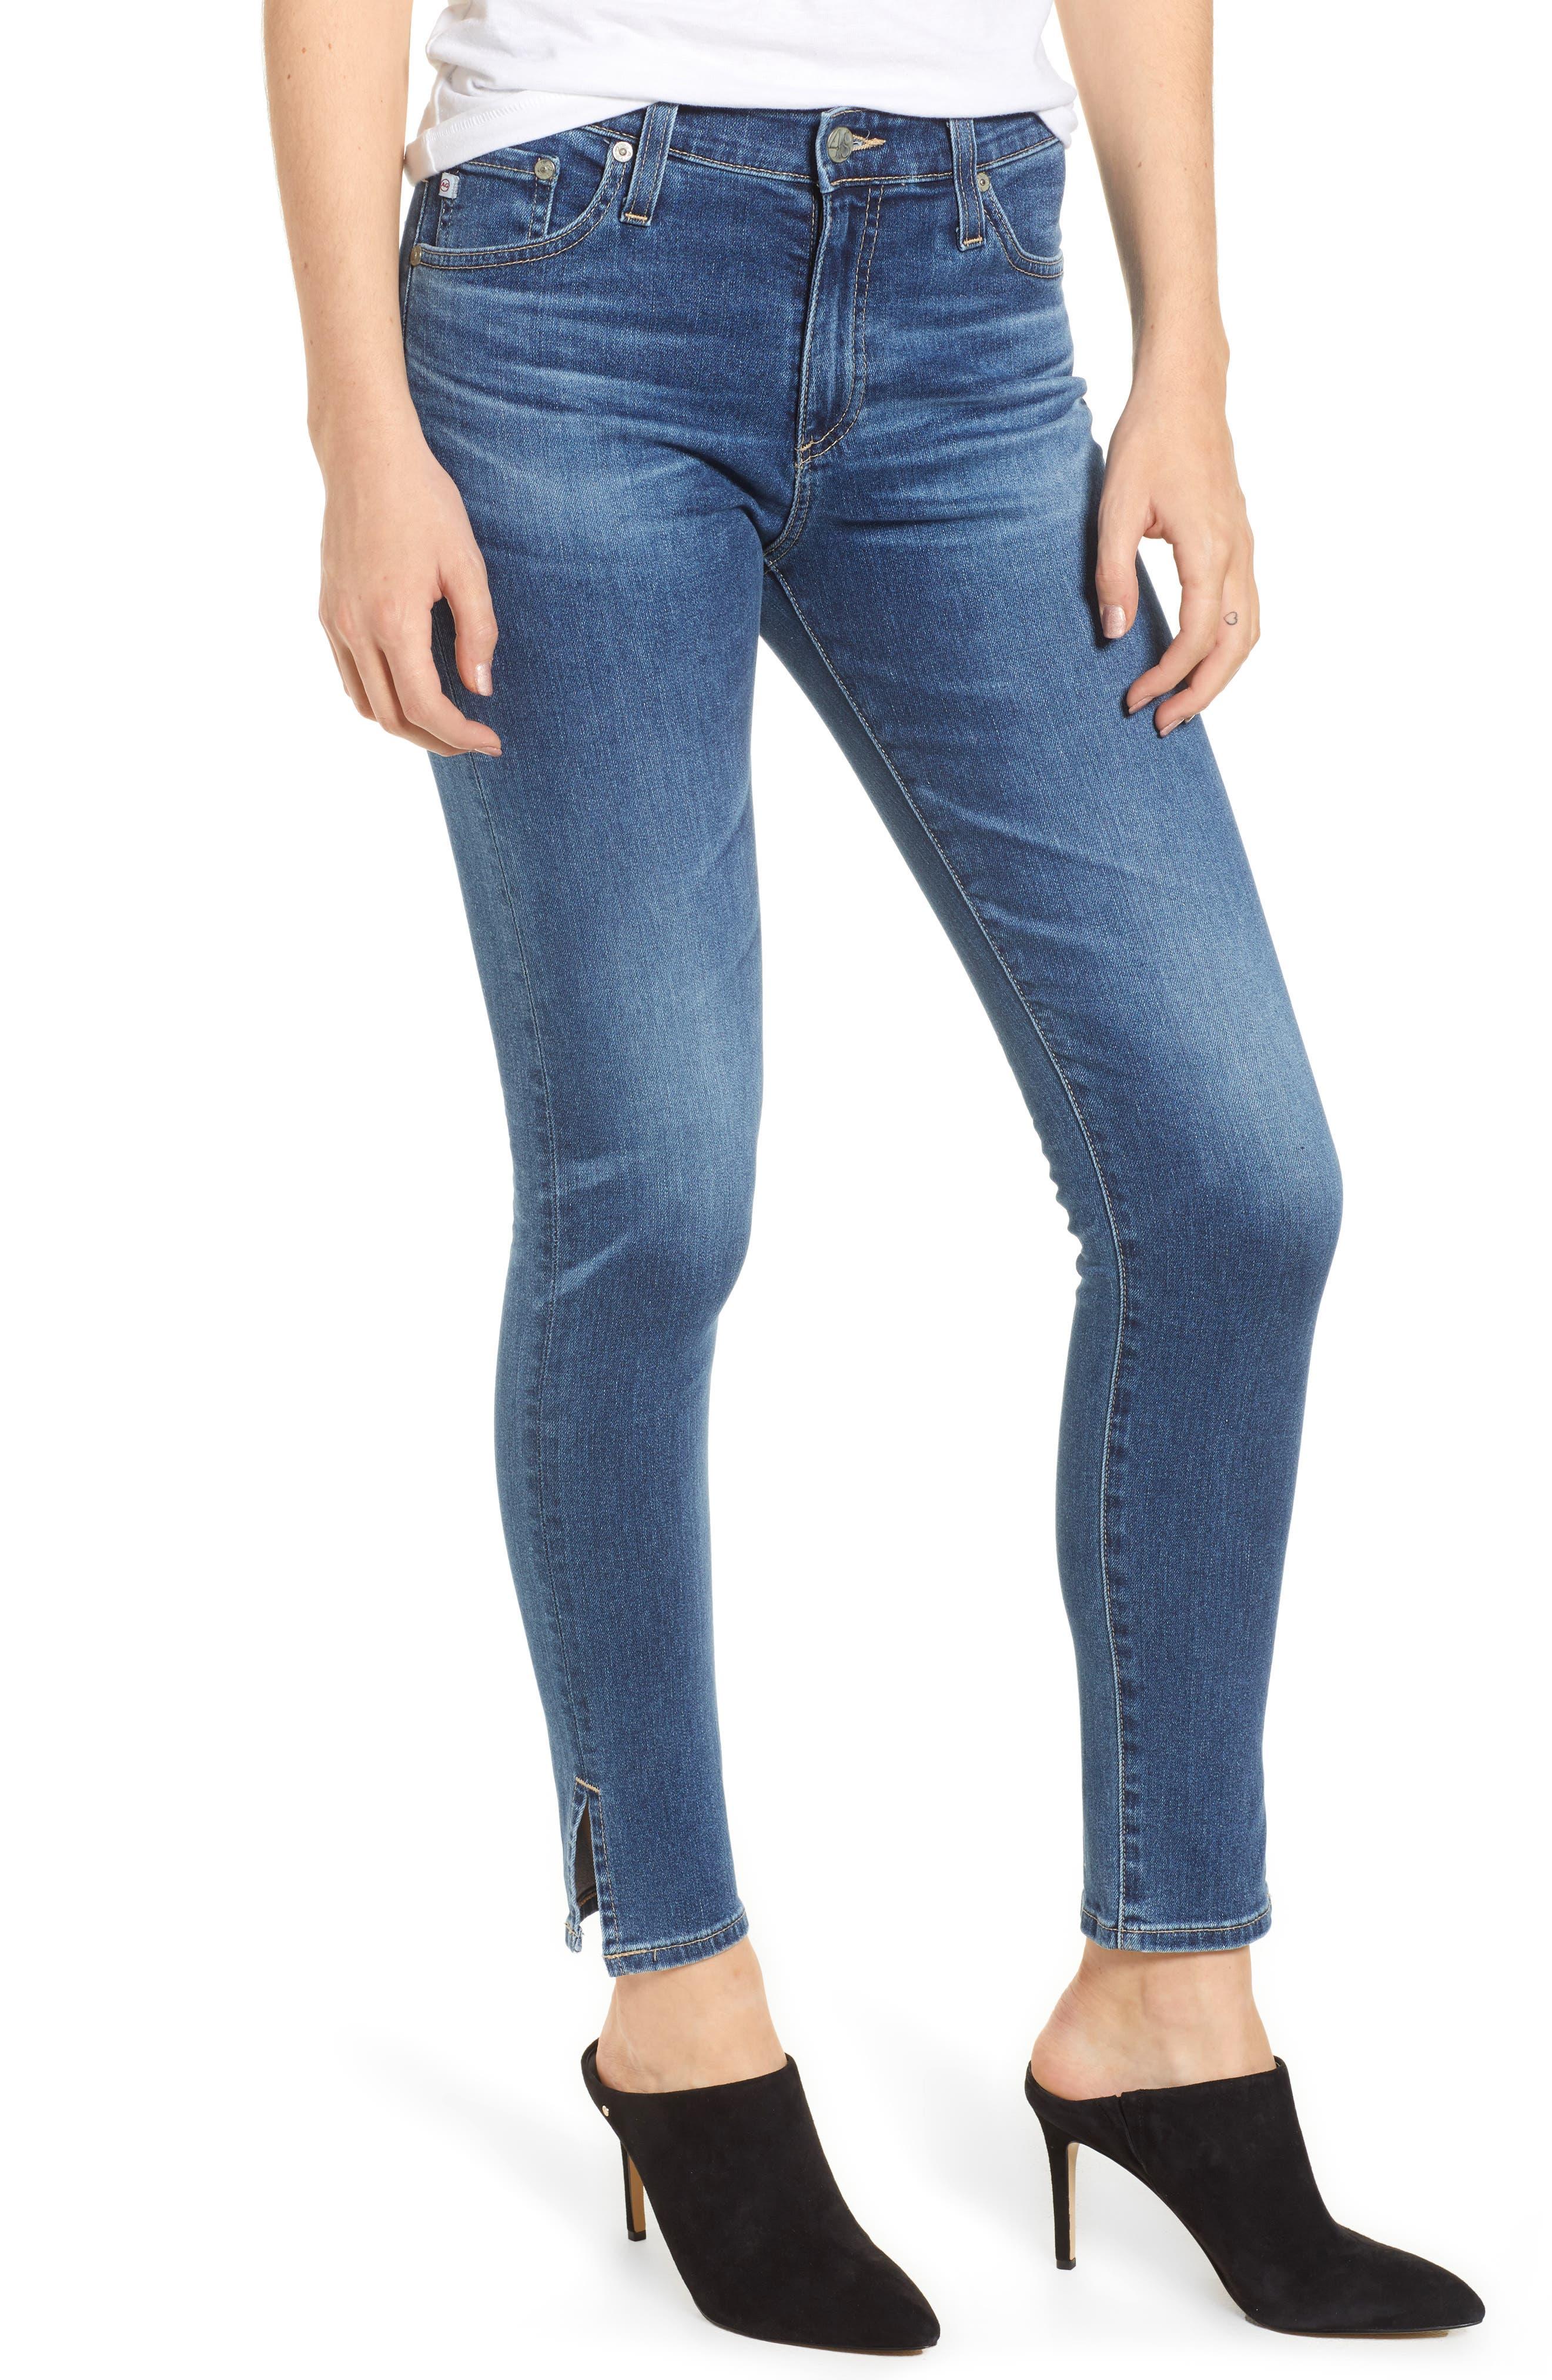 AG, Farrah High Waist Split Hem Skinny Jeans, Main thumbnail 1, color, 10 YEARS CAMBRIA